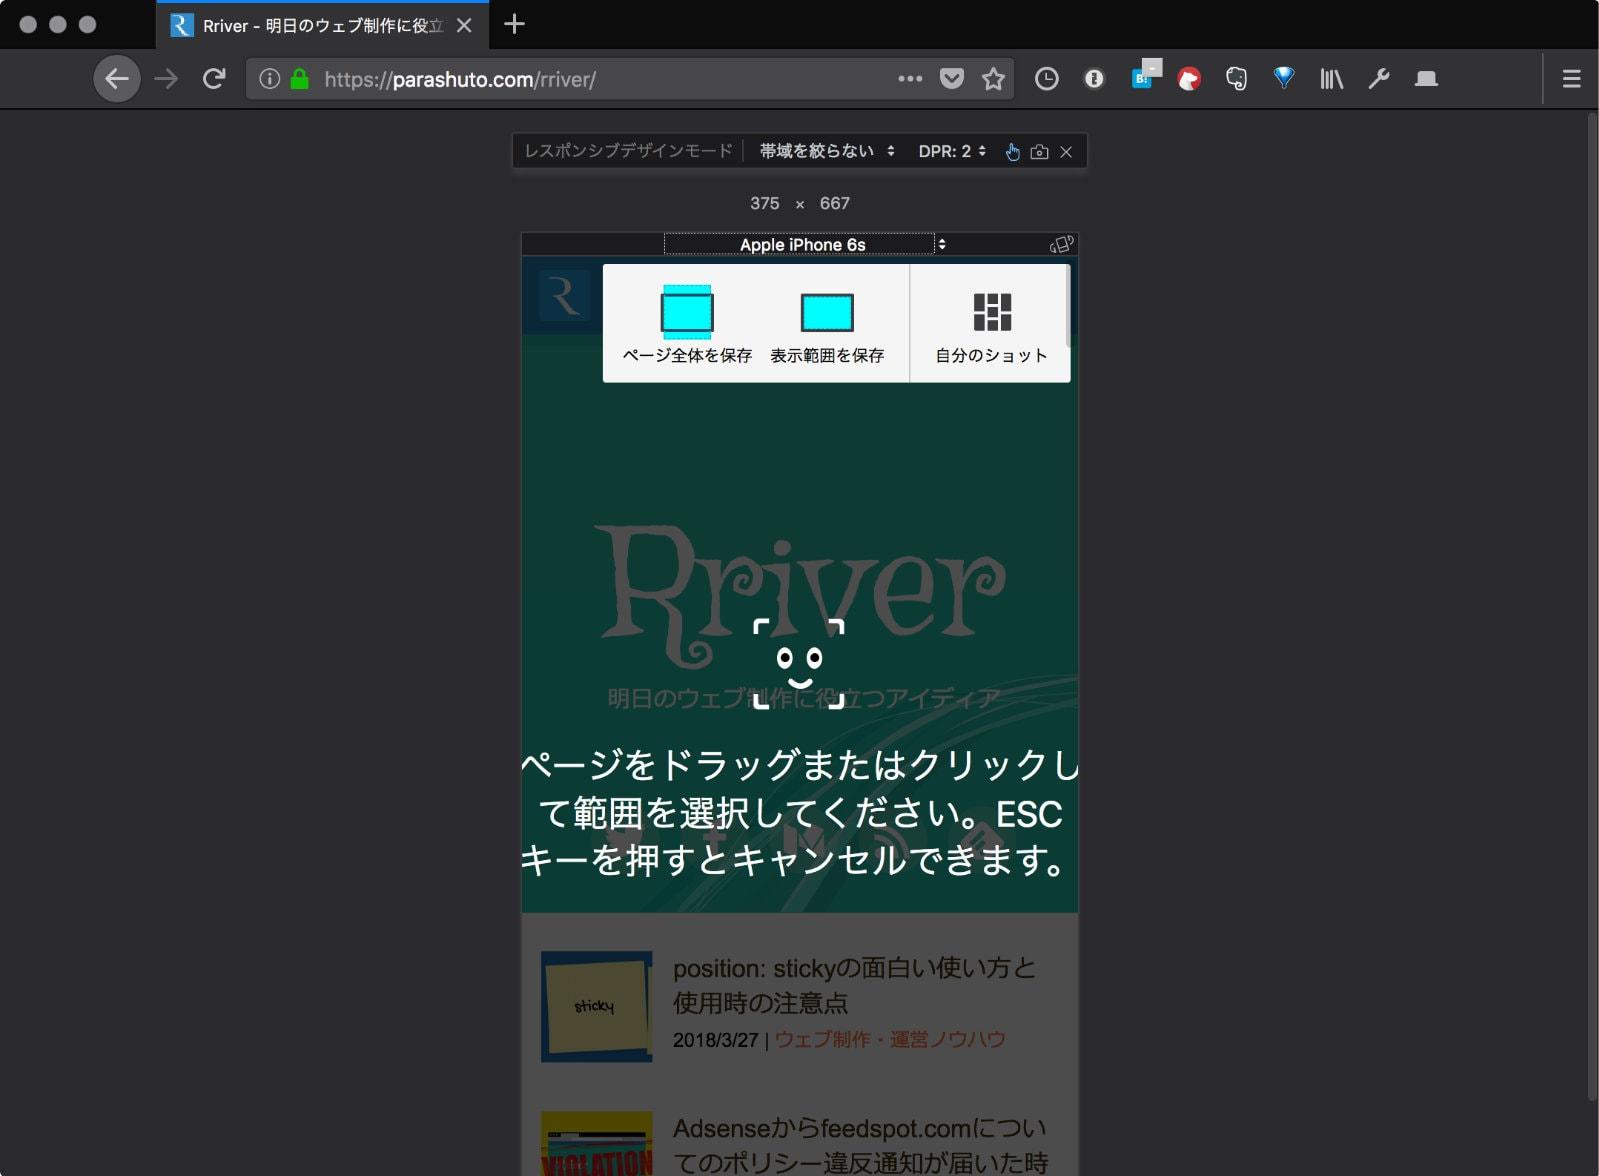 レスポンシブデザインモードでFirefox Screenshotsを立ち上げた画面